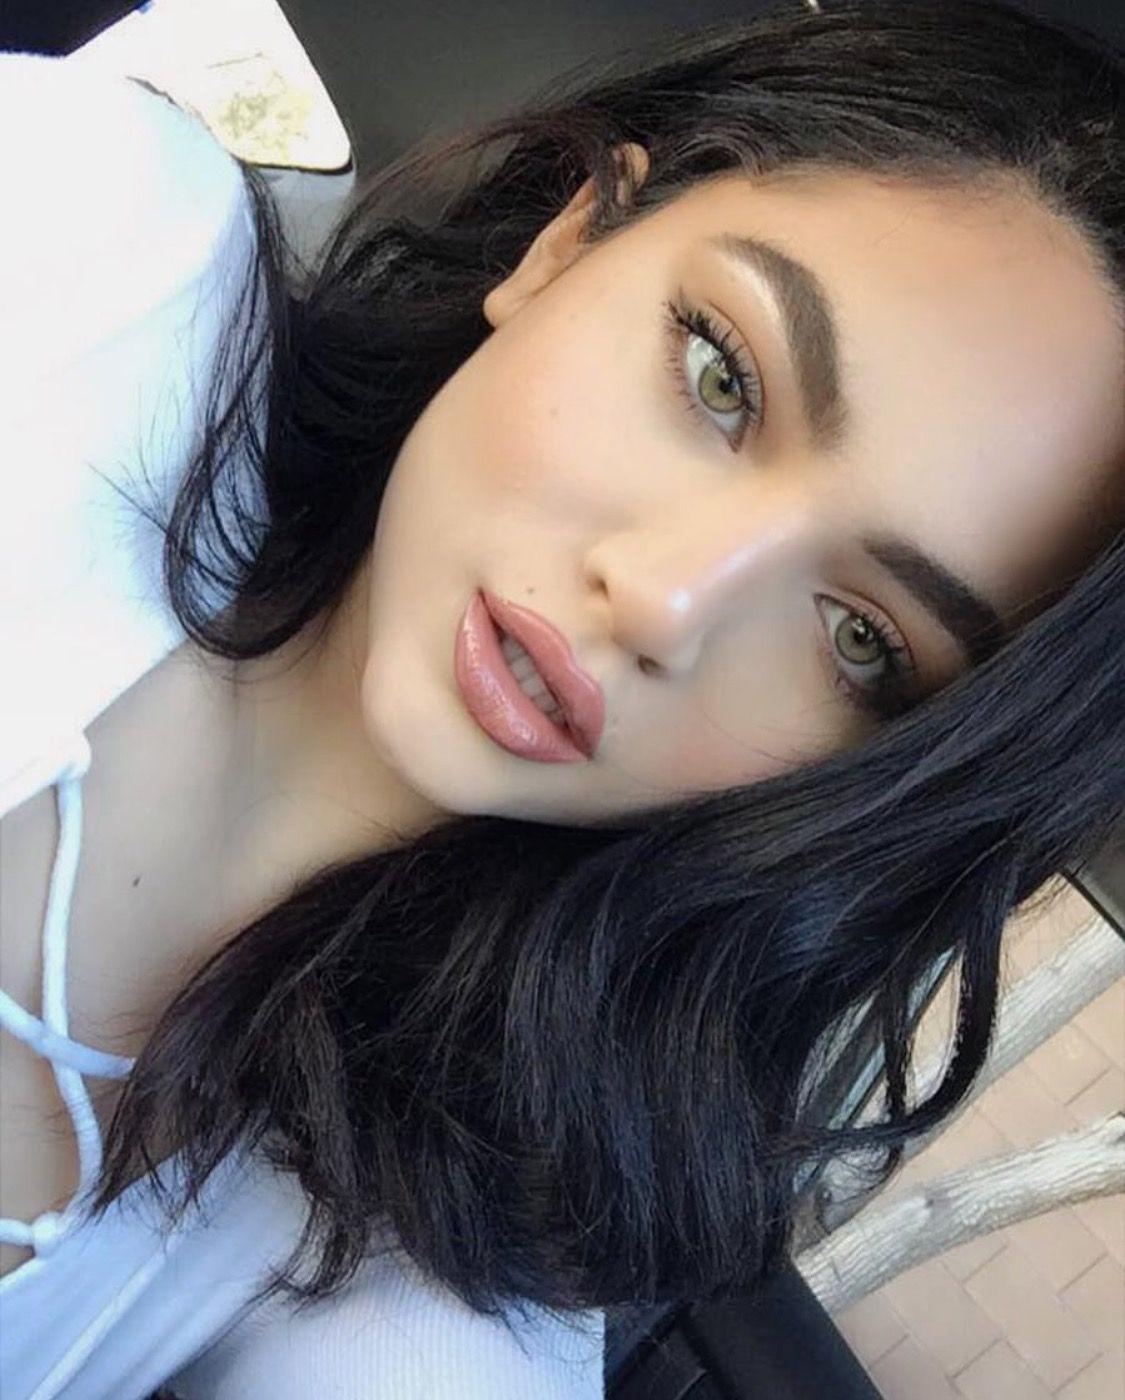 maryori fúnez ig baddie / model green eyes simple makeup